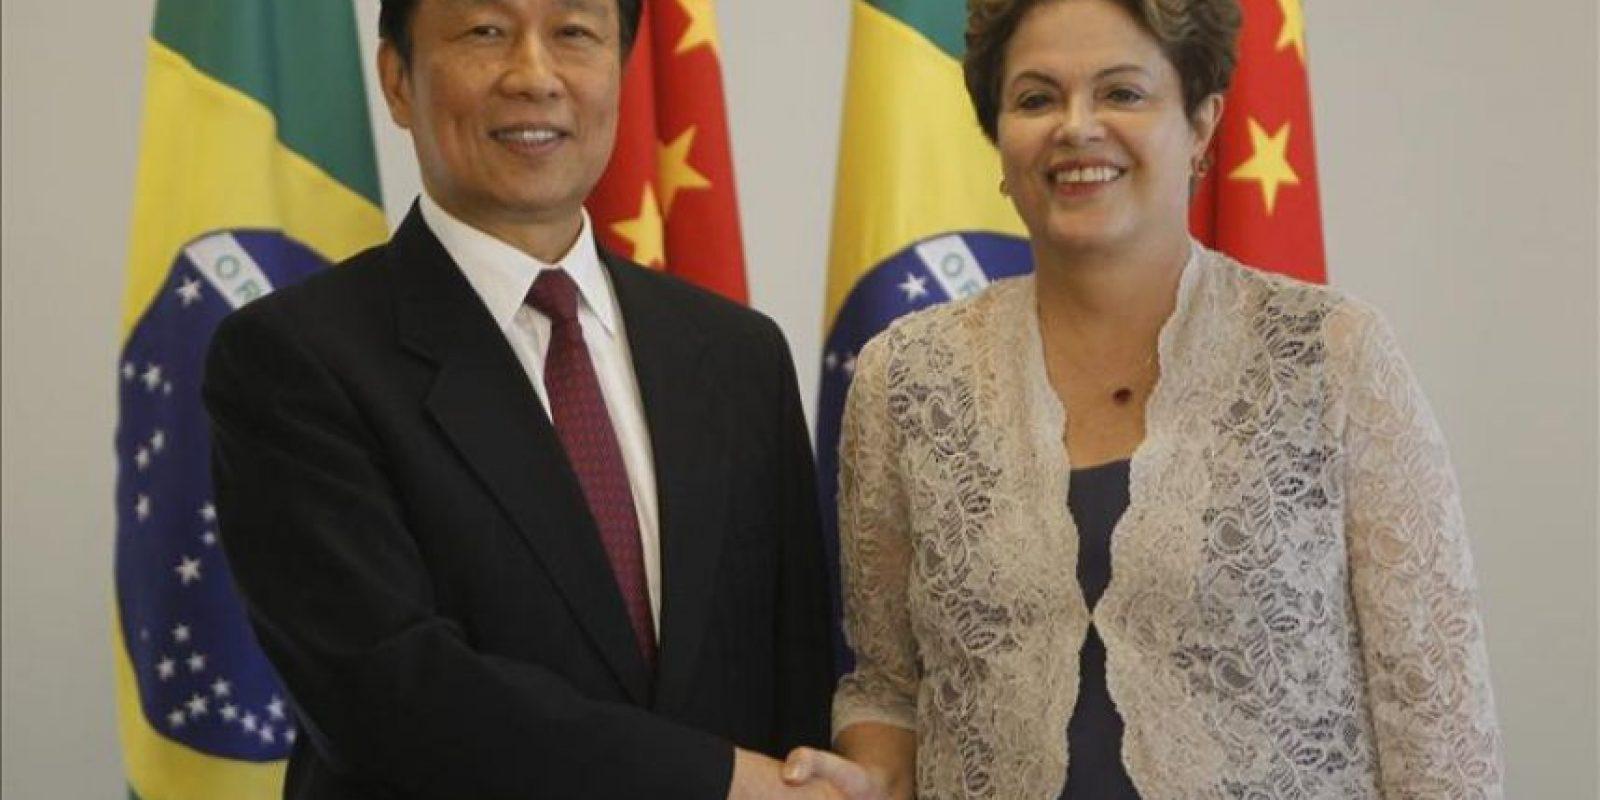 La mandataria brasileña, Dilma Rousseff, saluda al vicepresidente de China, Li Yuanchao (i) este 2 de enero, durante una reunión bilateral en el Palacio del Planalto en Brasilia, un día después de la investidura de Rousseff para su segundo mandato. EFE